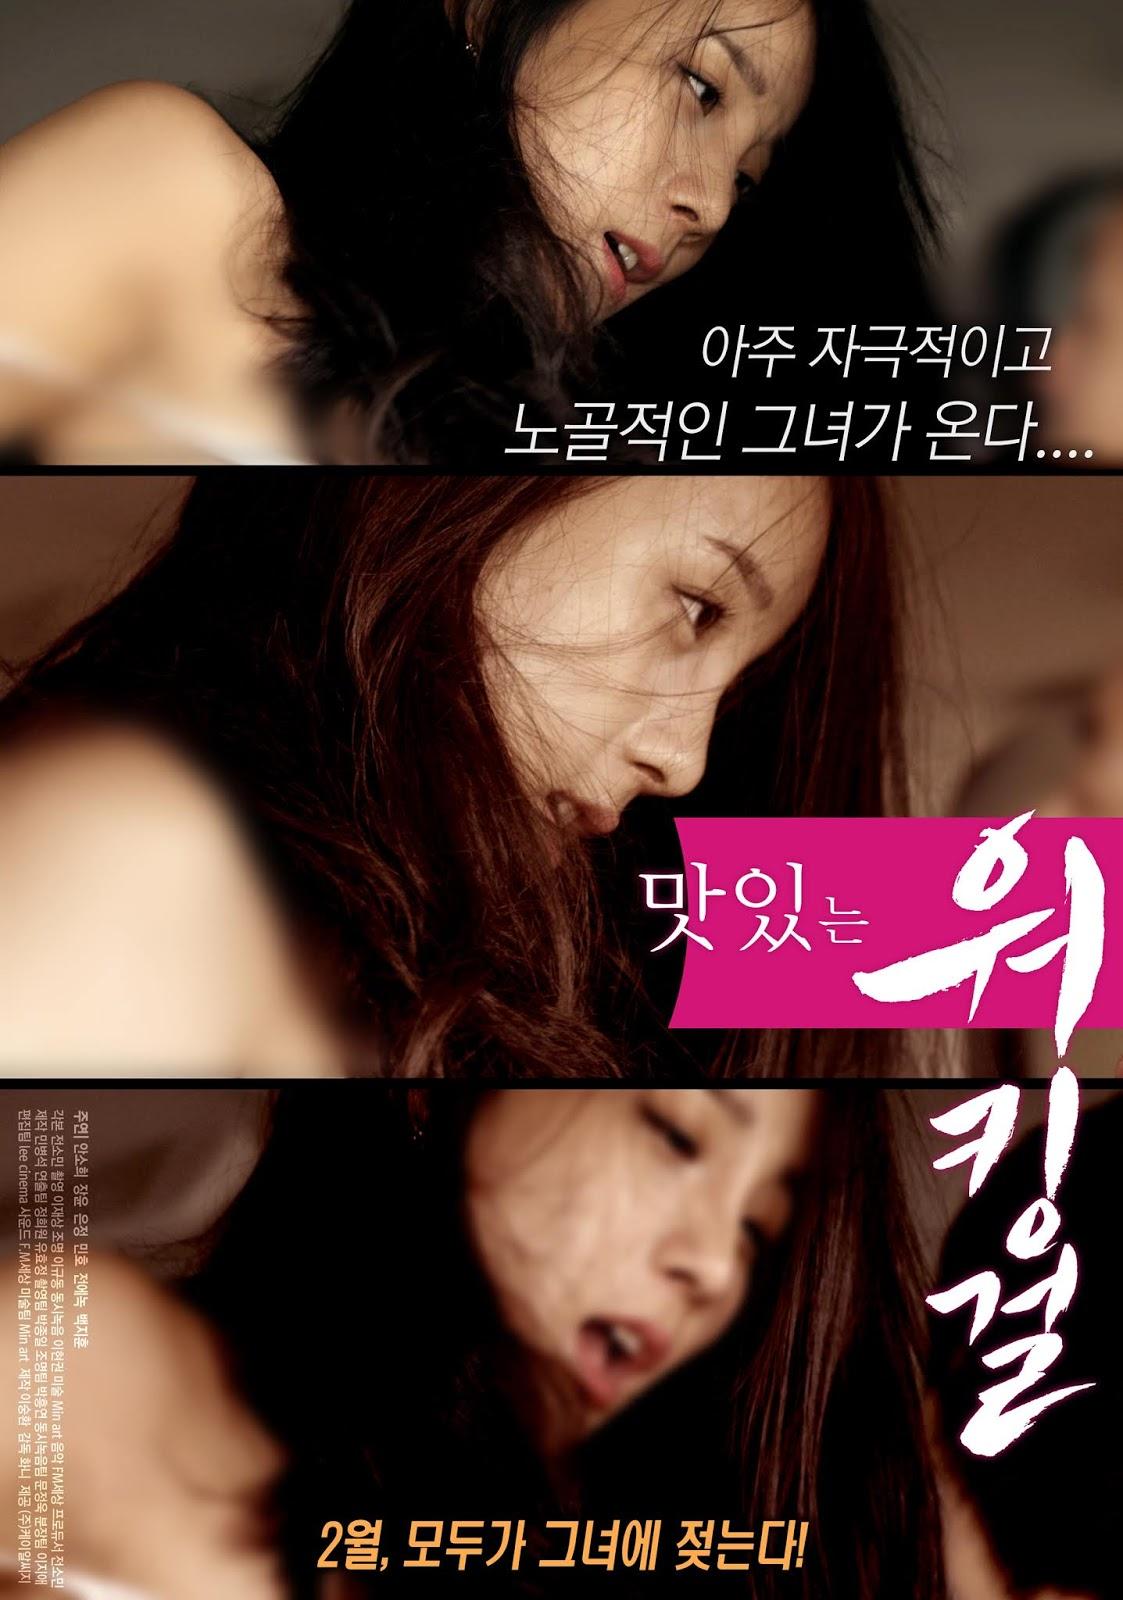 The Intruder Full Korea 18+ Adult Movie Online Free